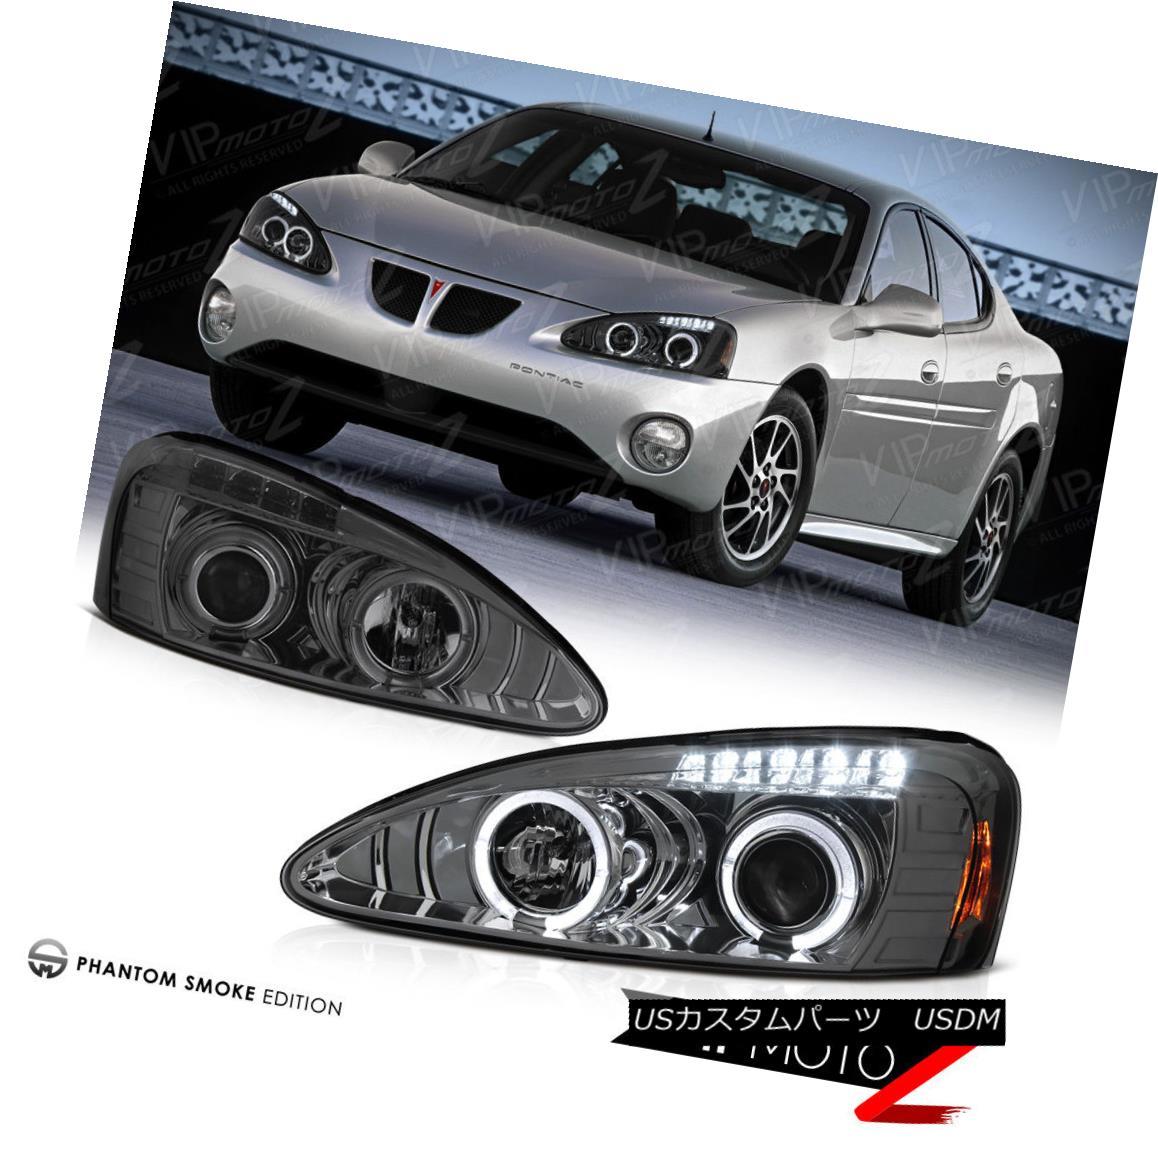 ヘッドライト 04-08 Pontiac Grand Prix GT GXP GTP L+R Halo Projector Smoke Headlight Lamp 04-08ポンティアックグランプリGT GXP GTP L + Rハロープロジェクタースモークヘッドライトランプ